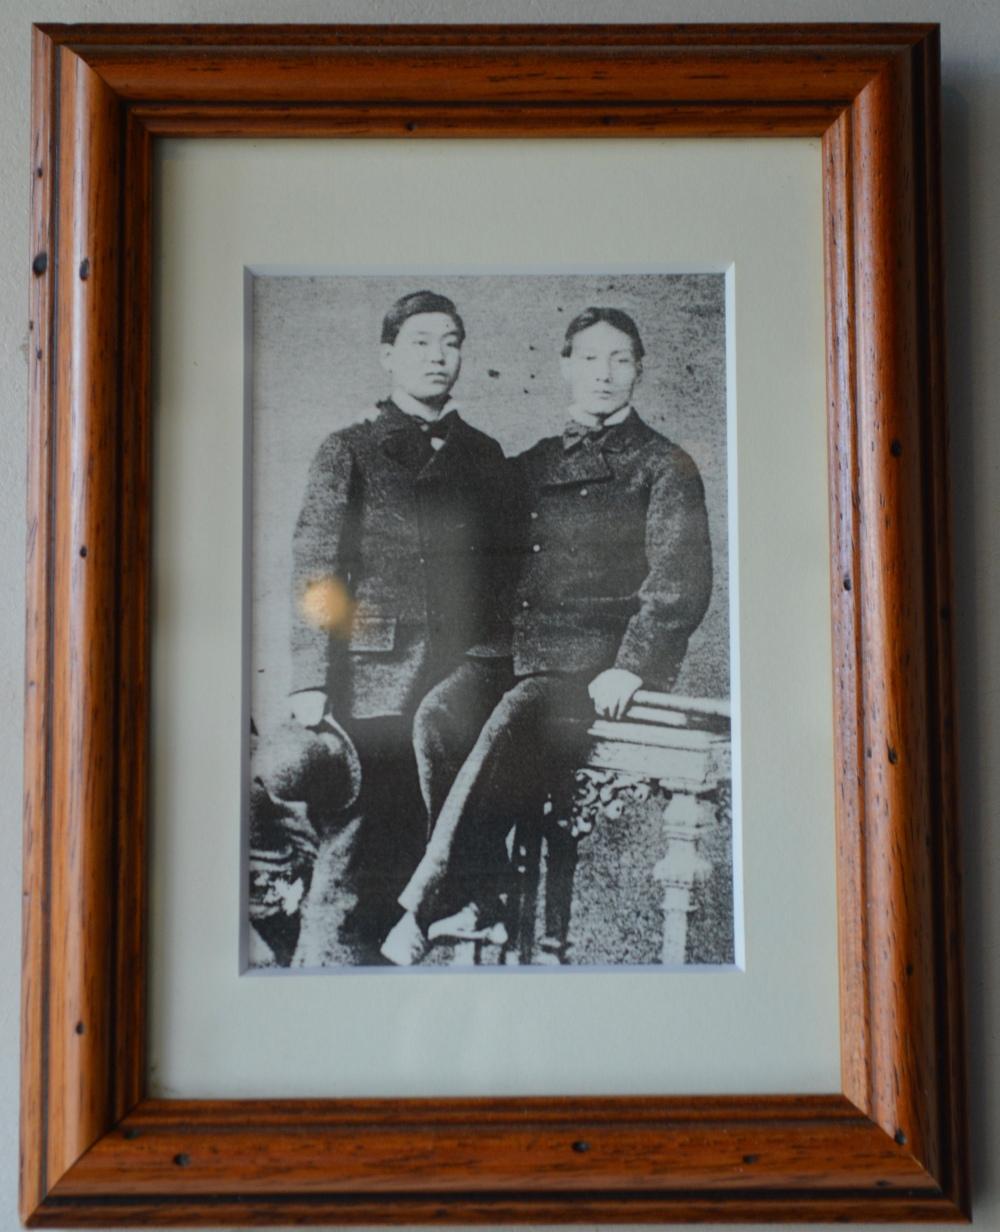 Tatsunori Tsuchiya & Masanari Takano